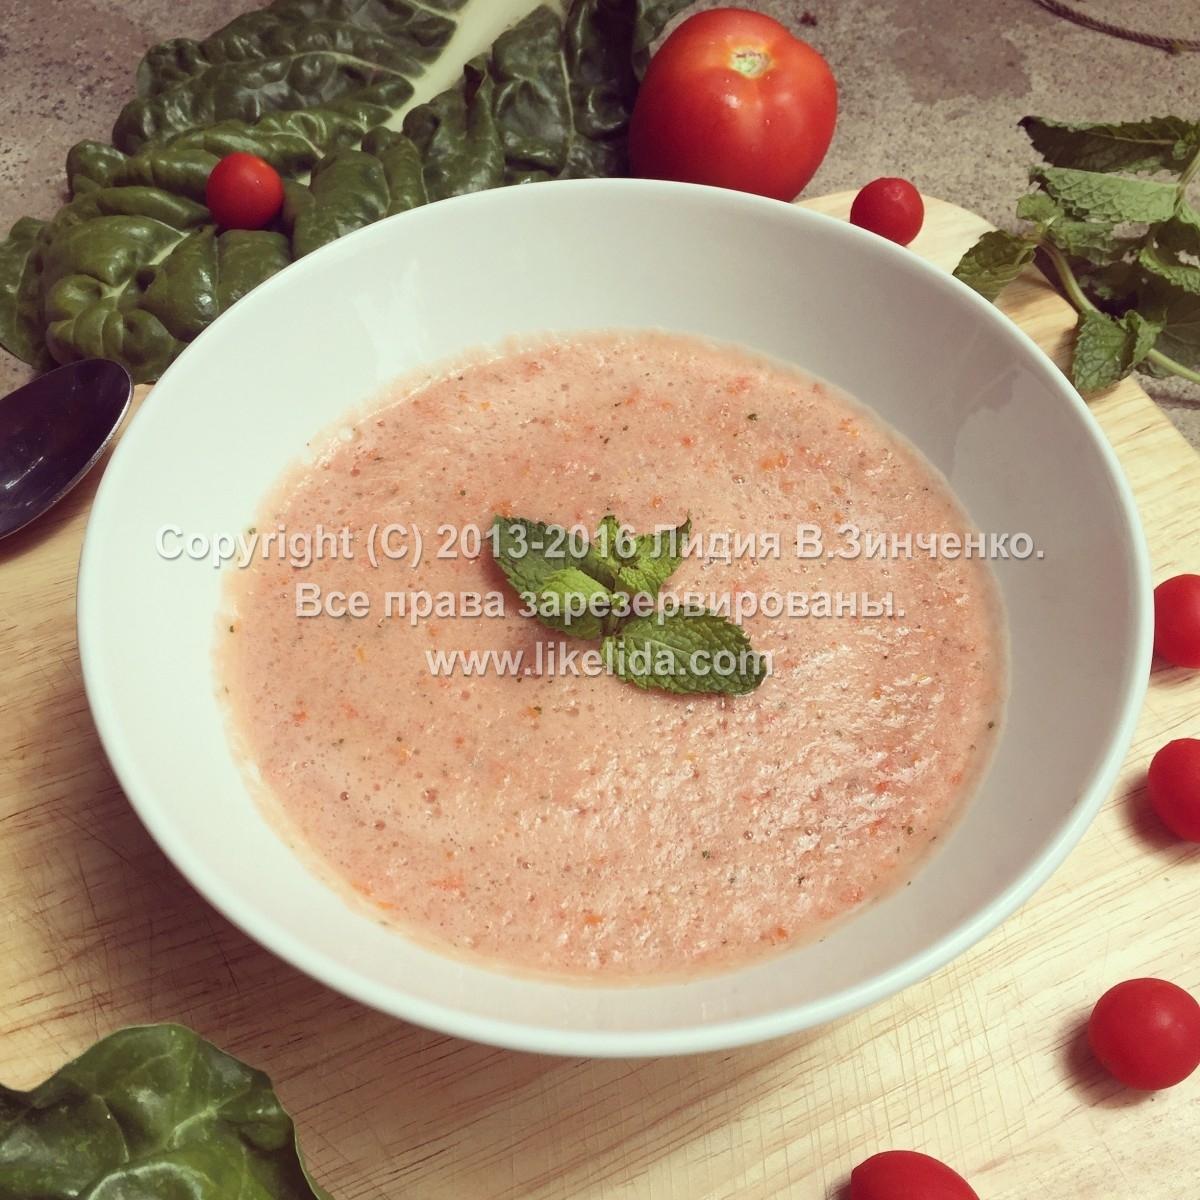 Холодный суп гаспачо — классический рецепт в домашних условиях